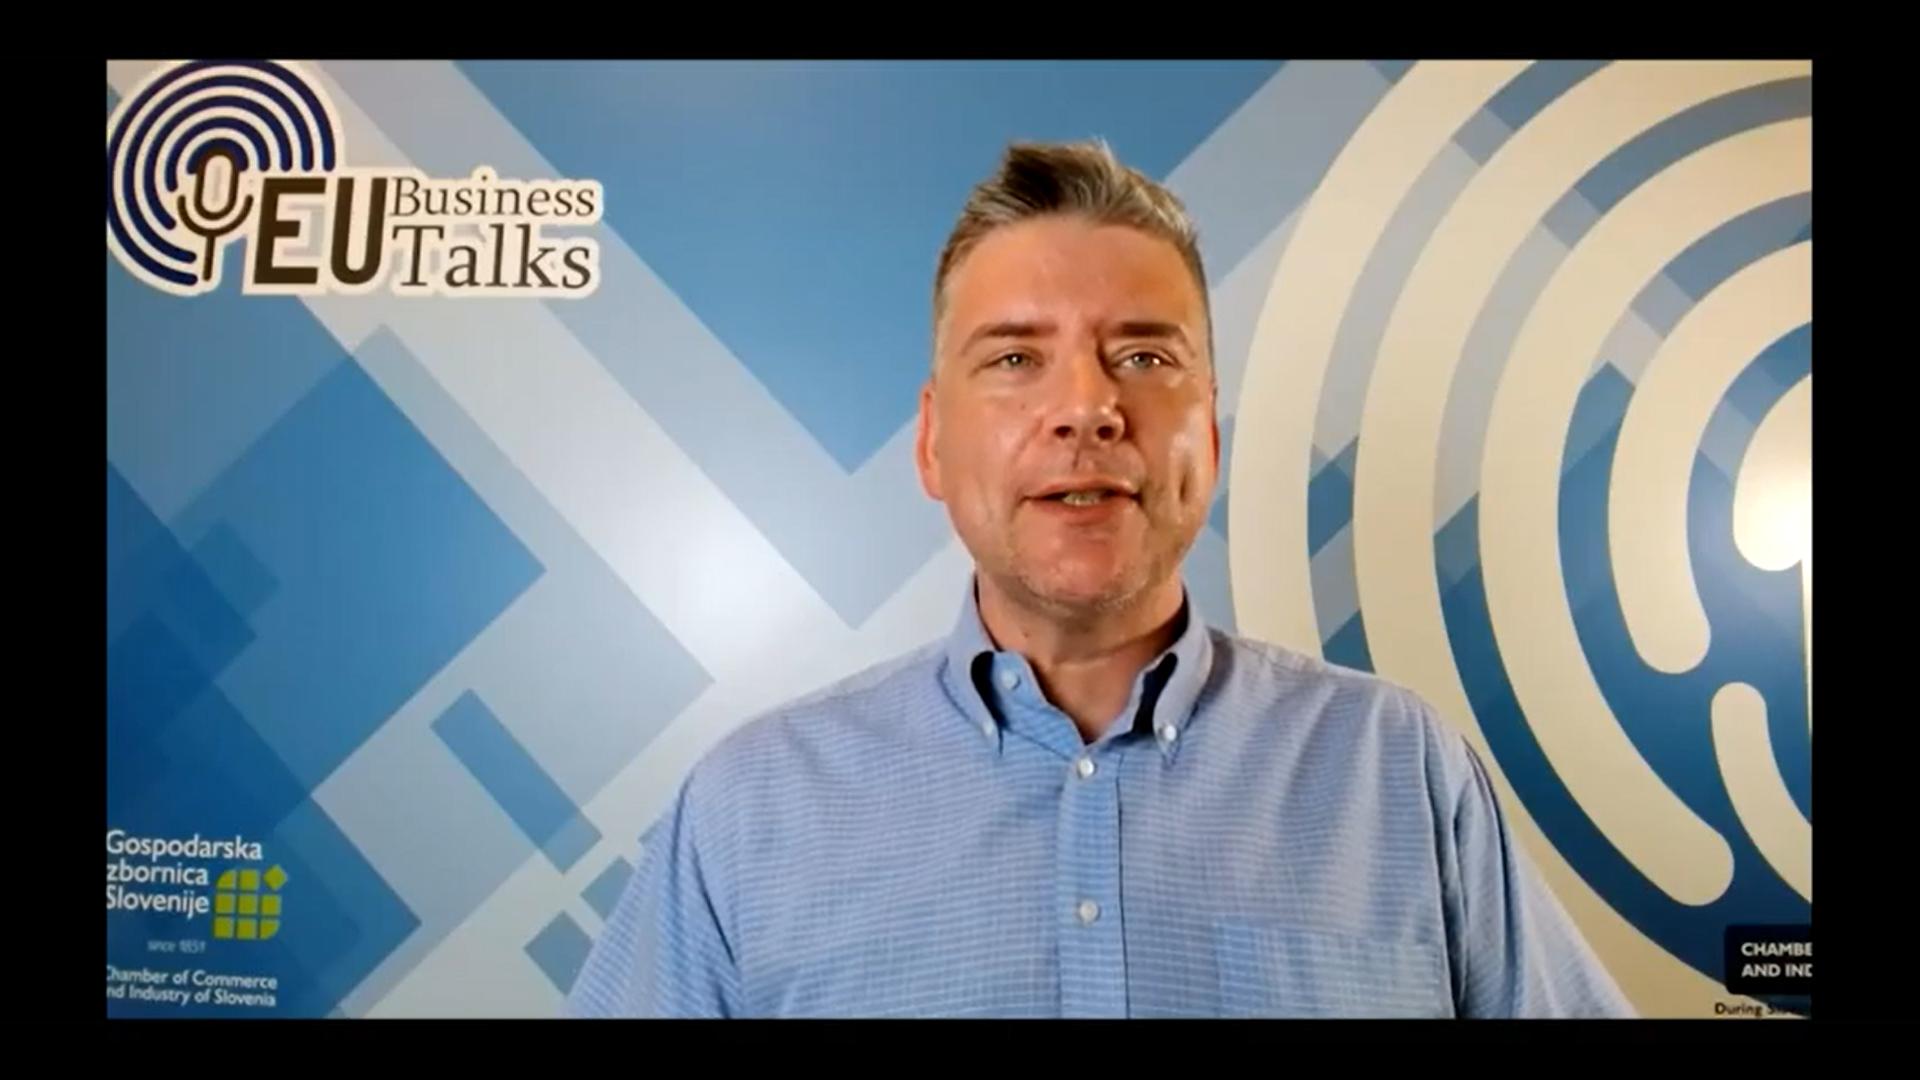 Business Talks GZS Belgija